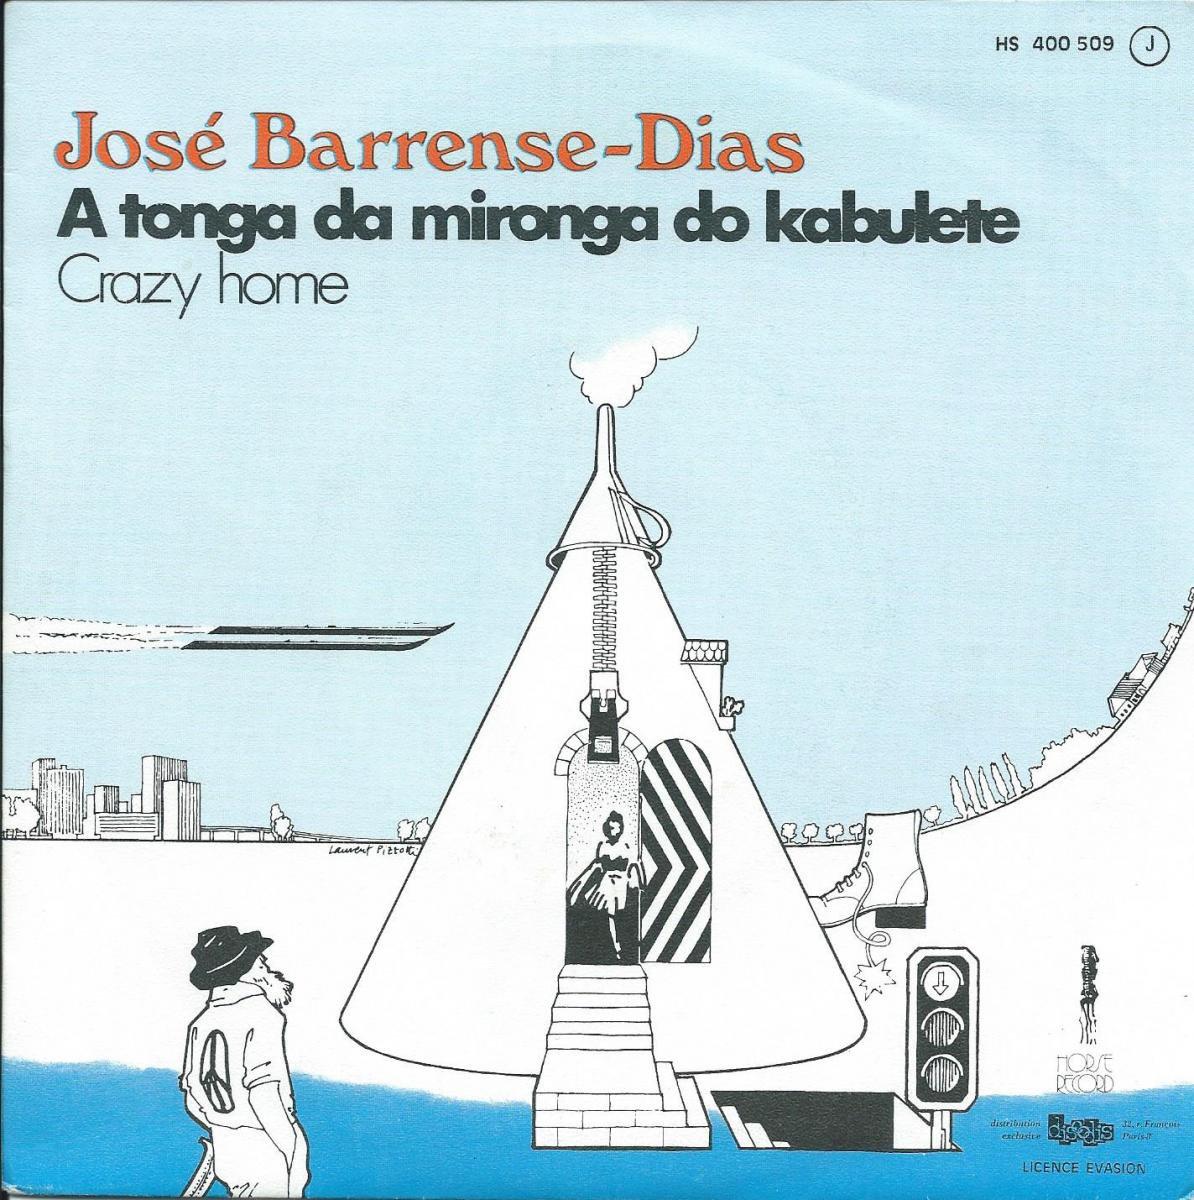 JOSÉ BARRENSE-DIAS / A TONGA DA MIRONGA DO KABULETE / CRAZY HOME (7